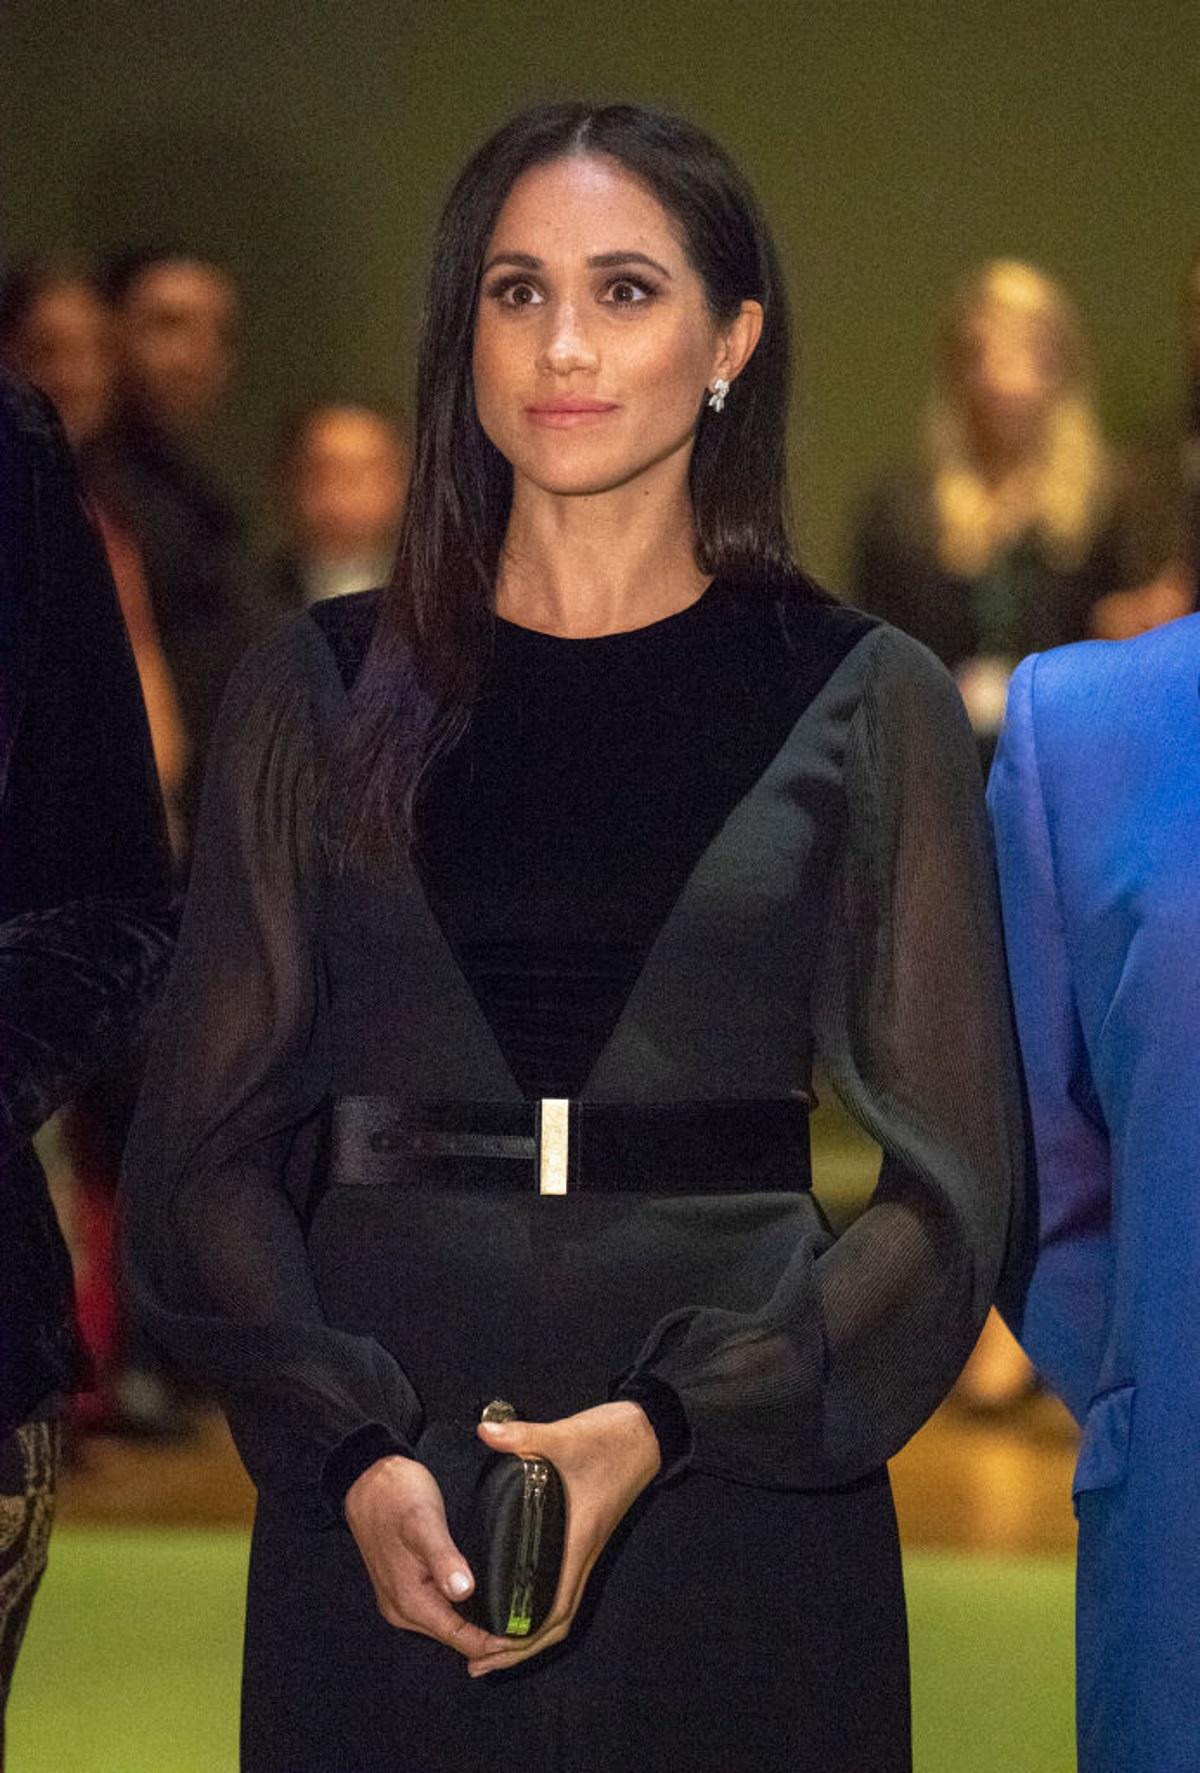 """За първи път, откакто стана херцогиня на Съсекс, Меган Маркъл се появи на официално събитие сама. Херцогинята присъства на откриването на изложба в Кралската академия по изкуствата в Лондон. На нея бяха представени произведения на изкуството от Австралия, Нова Зеландия, Фиджи и Тонга. За повода херцогинята избра елегантна черна рокля на """"Живанши"""" в комбинация с високи обувки и малка чантичка."""